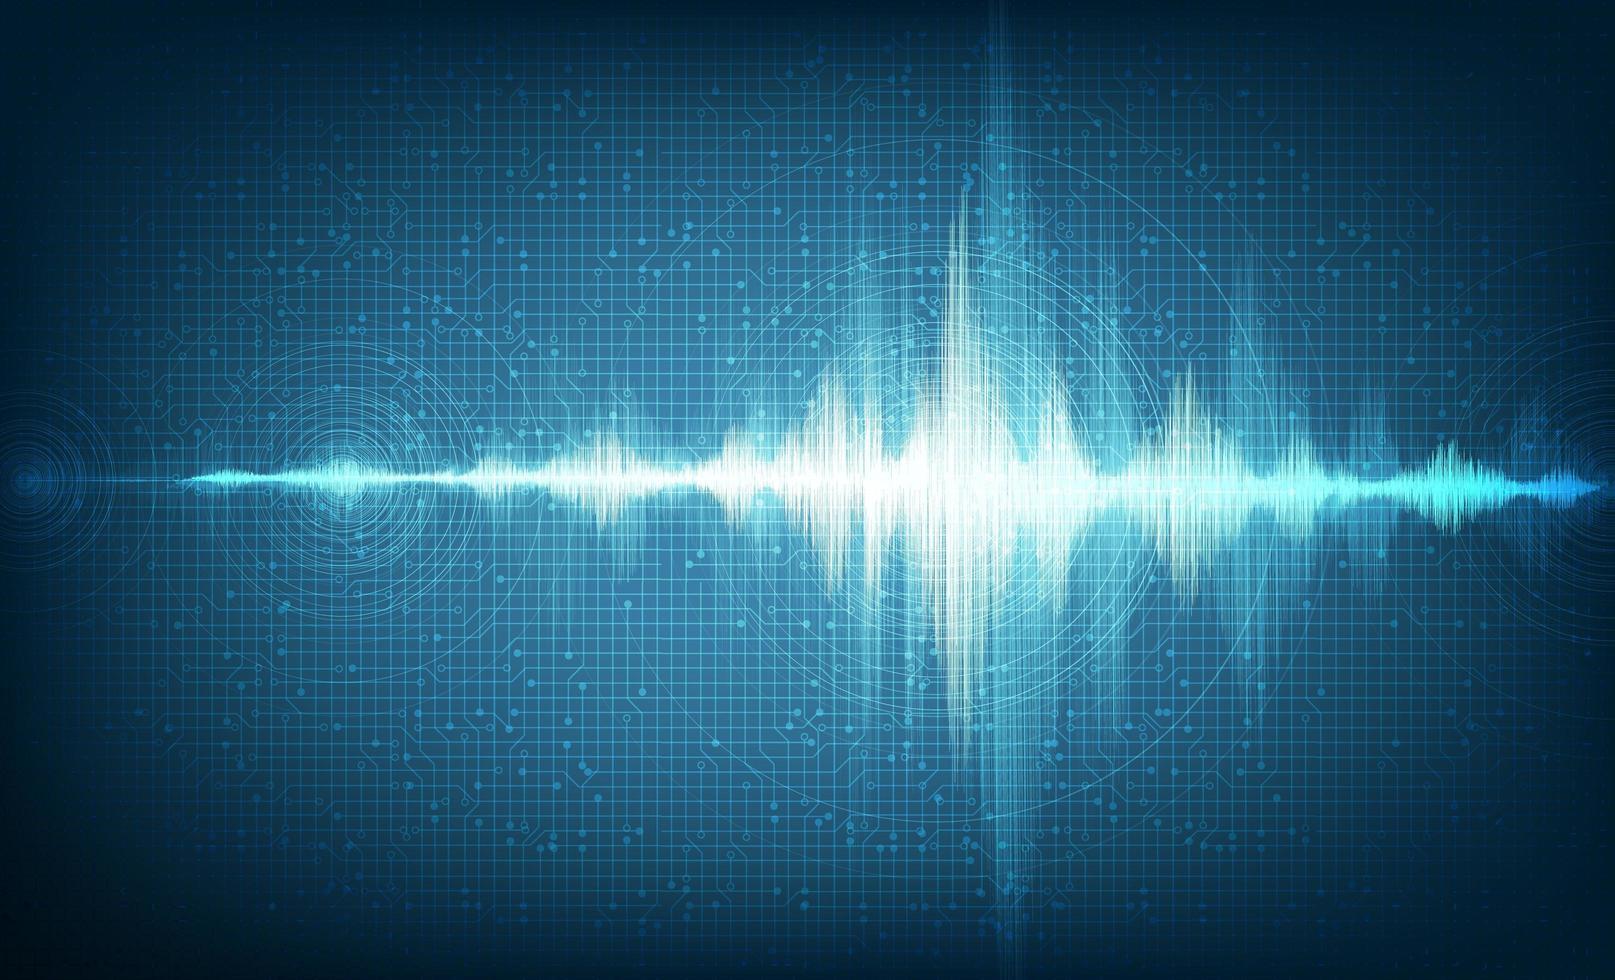 Nhạc cổ điển và ngưỡng cửa của cuộc cách mạng số hóa